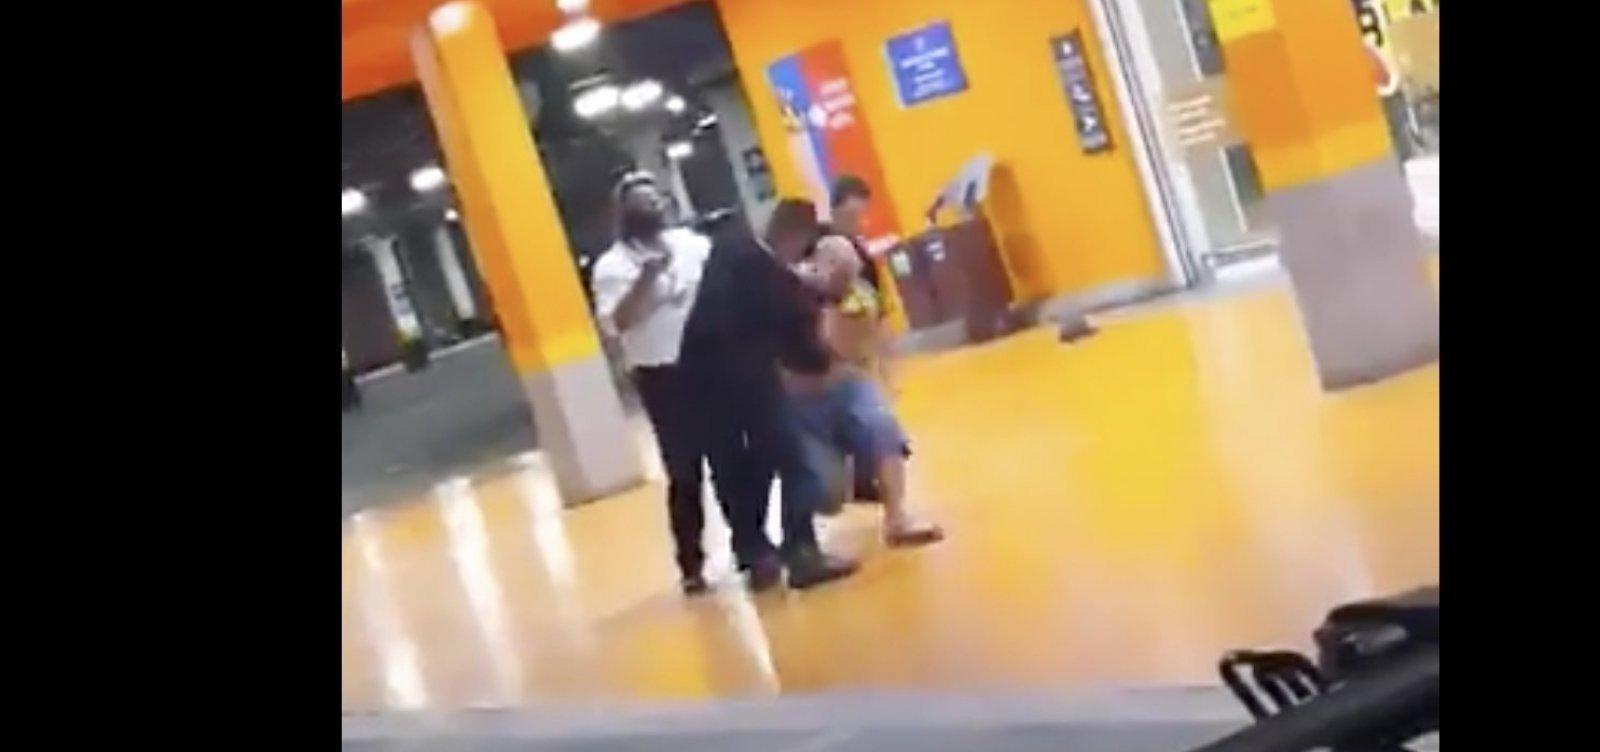 Caso João Alberto: Carrefour fecha acordo de R$ 115 milhões para enfrentamento ao racismo